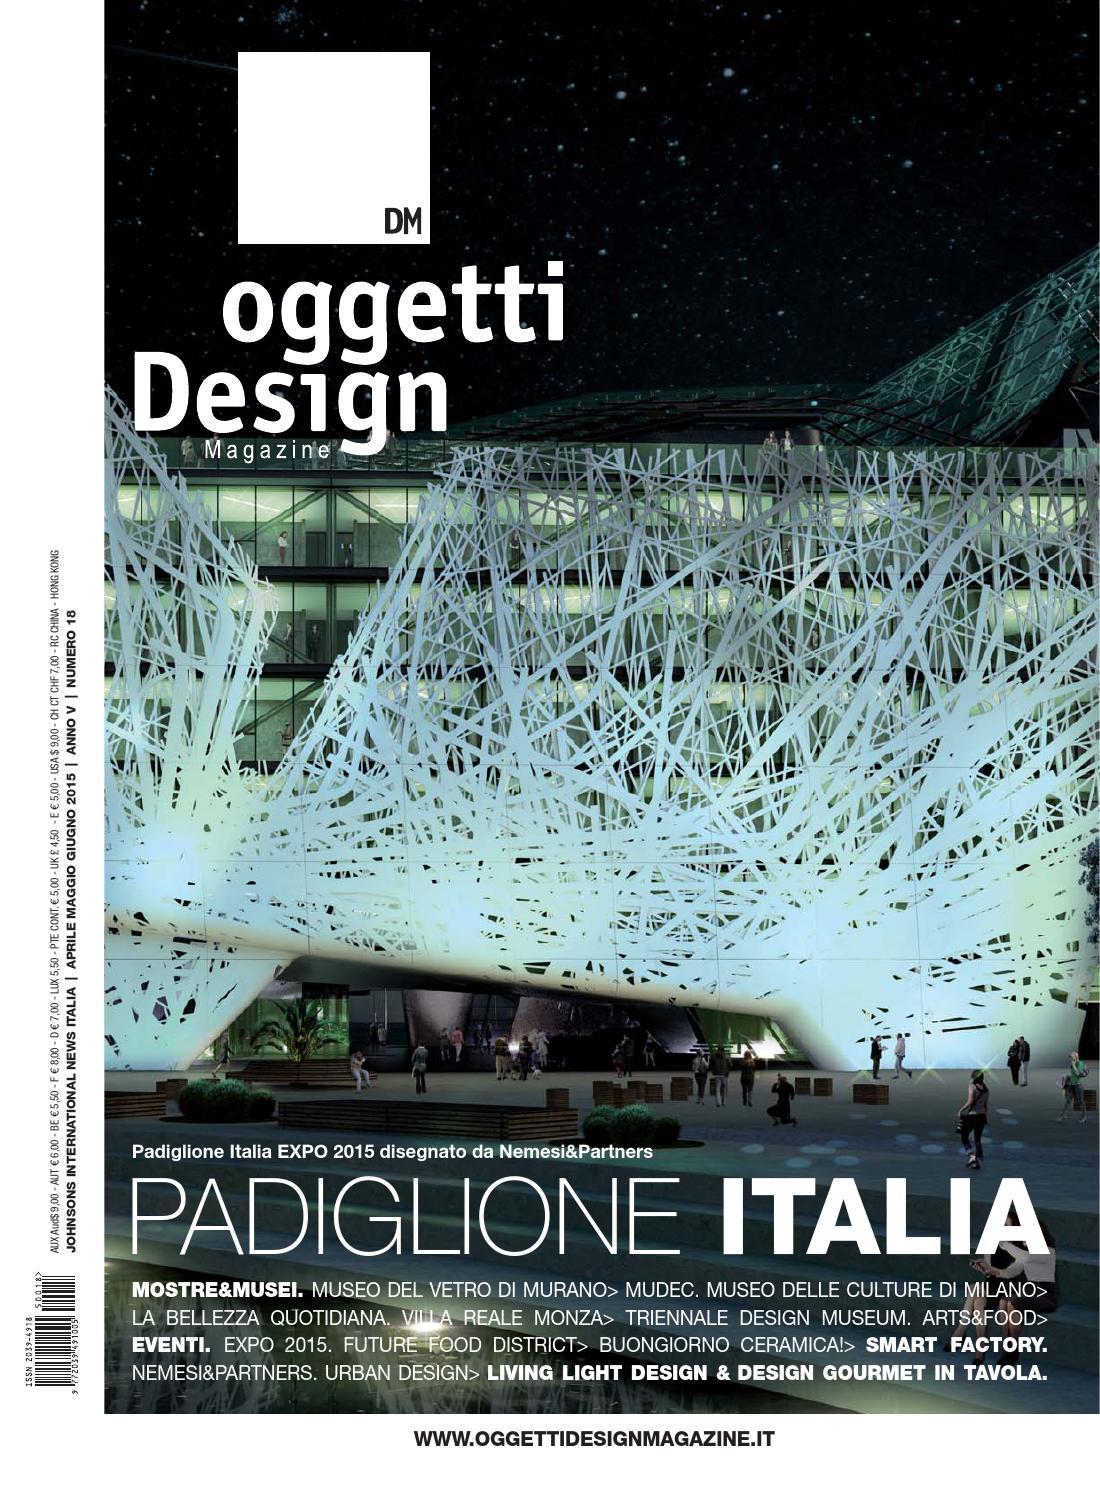 DM oggetti Design Magazine N.18 by Board.tv - Johnson Web srl - issuu d90ba9f1c71b